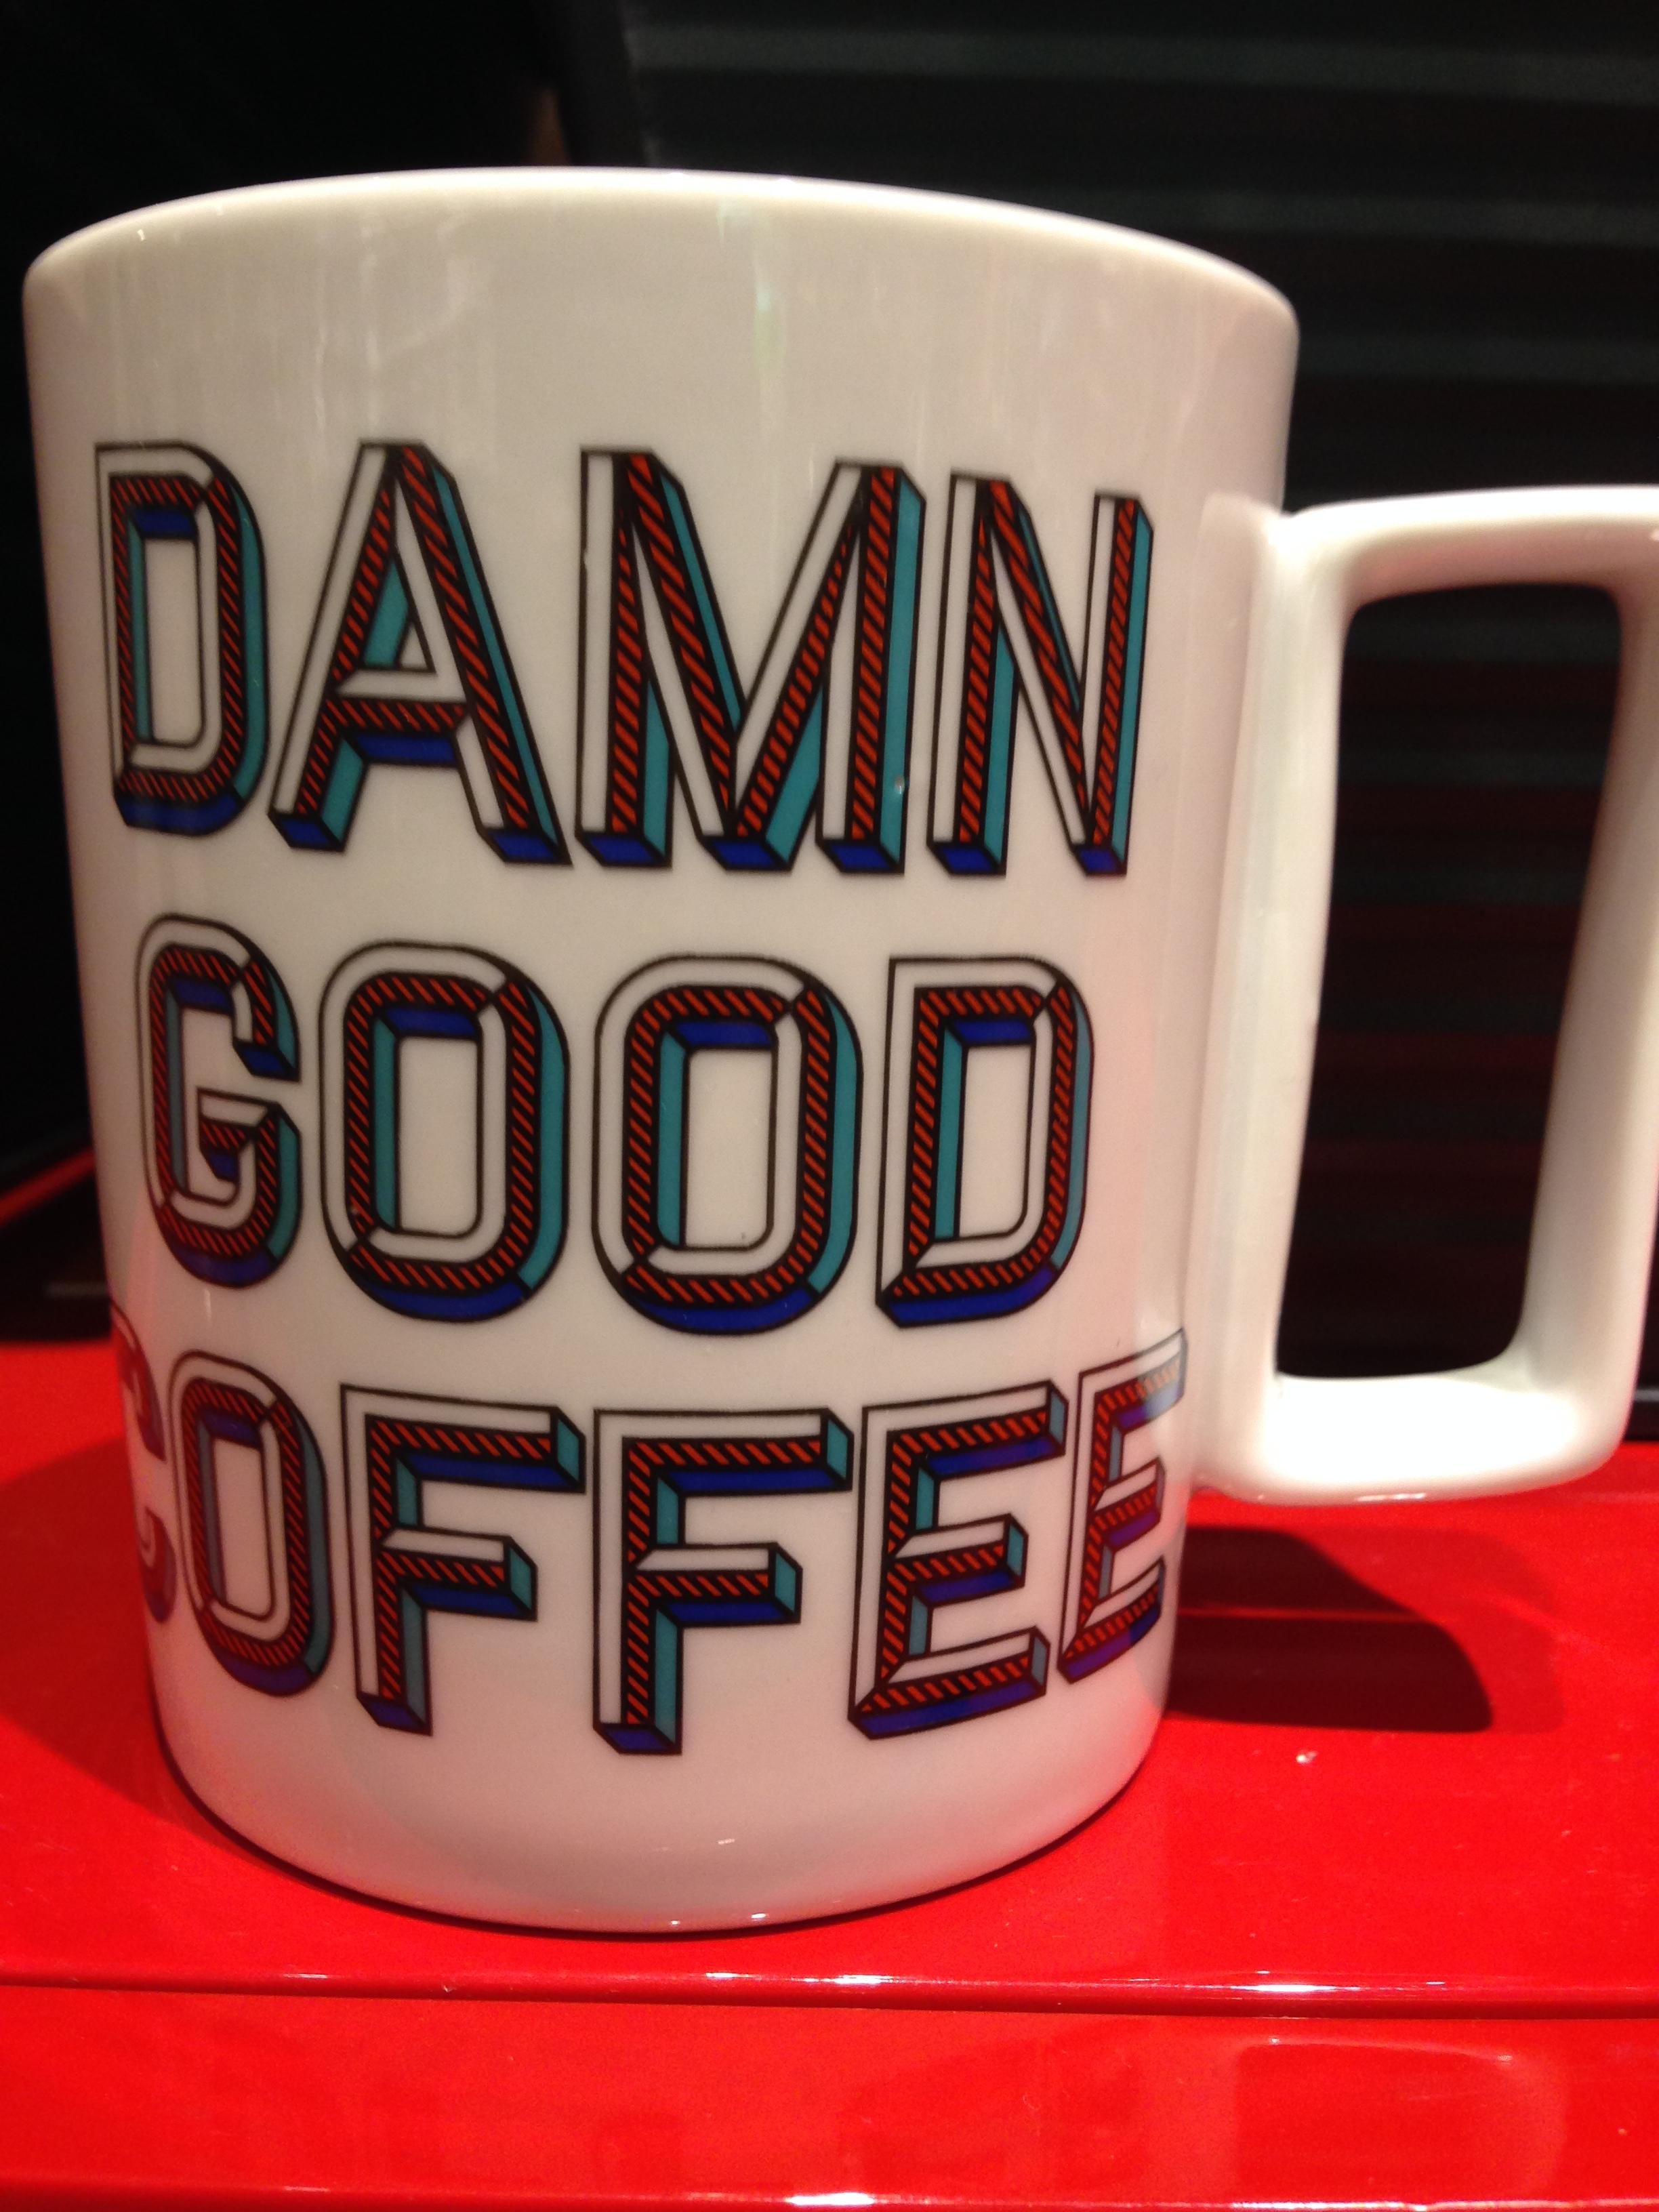 Aaaah coffee time!